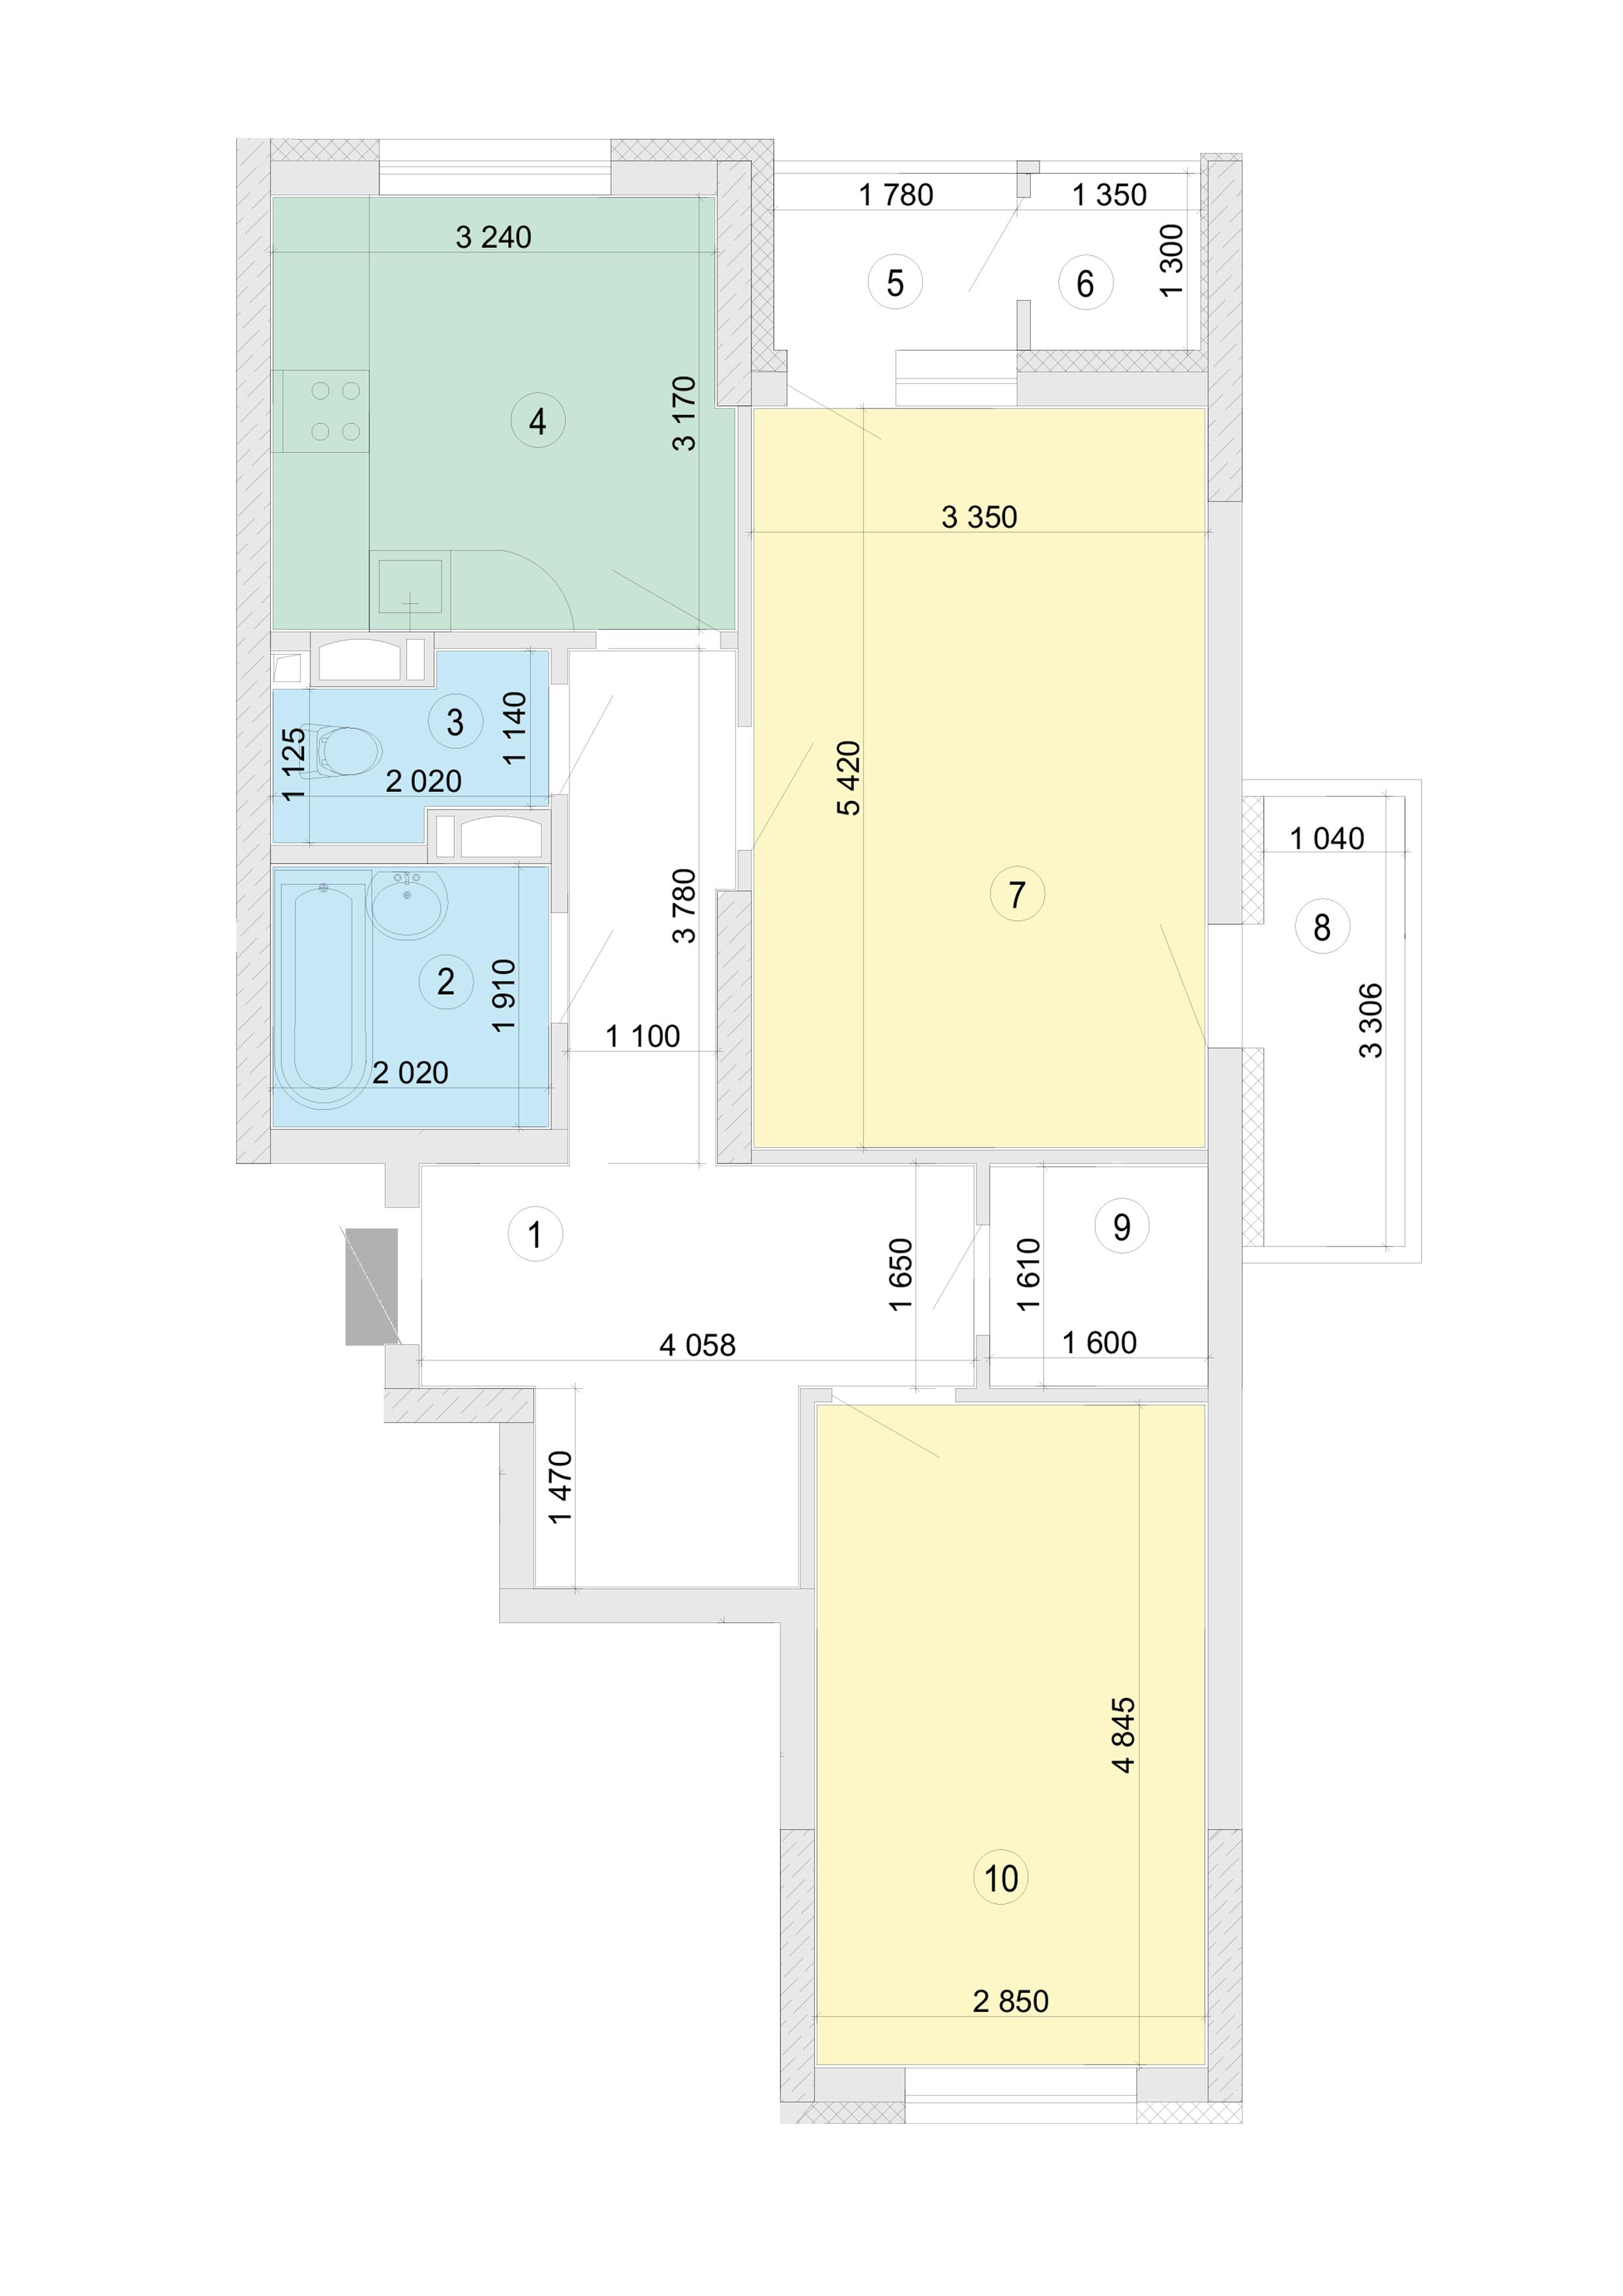 Купити Двокімнатна квартира 67,87 кв.м., тип 2.1, будинок 2, секція 5 в Києві Голосіївський район